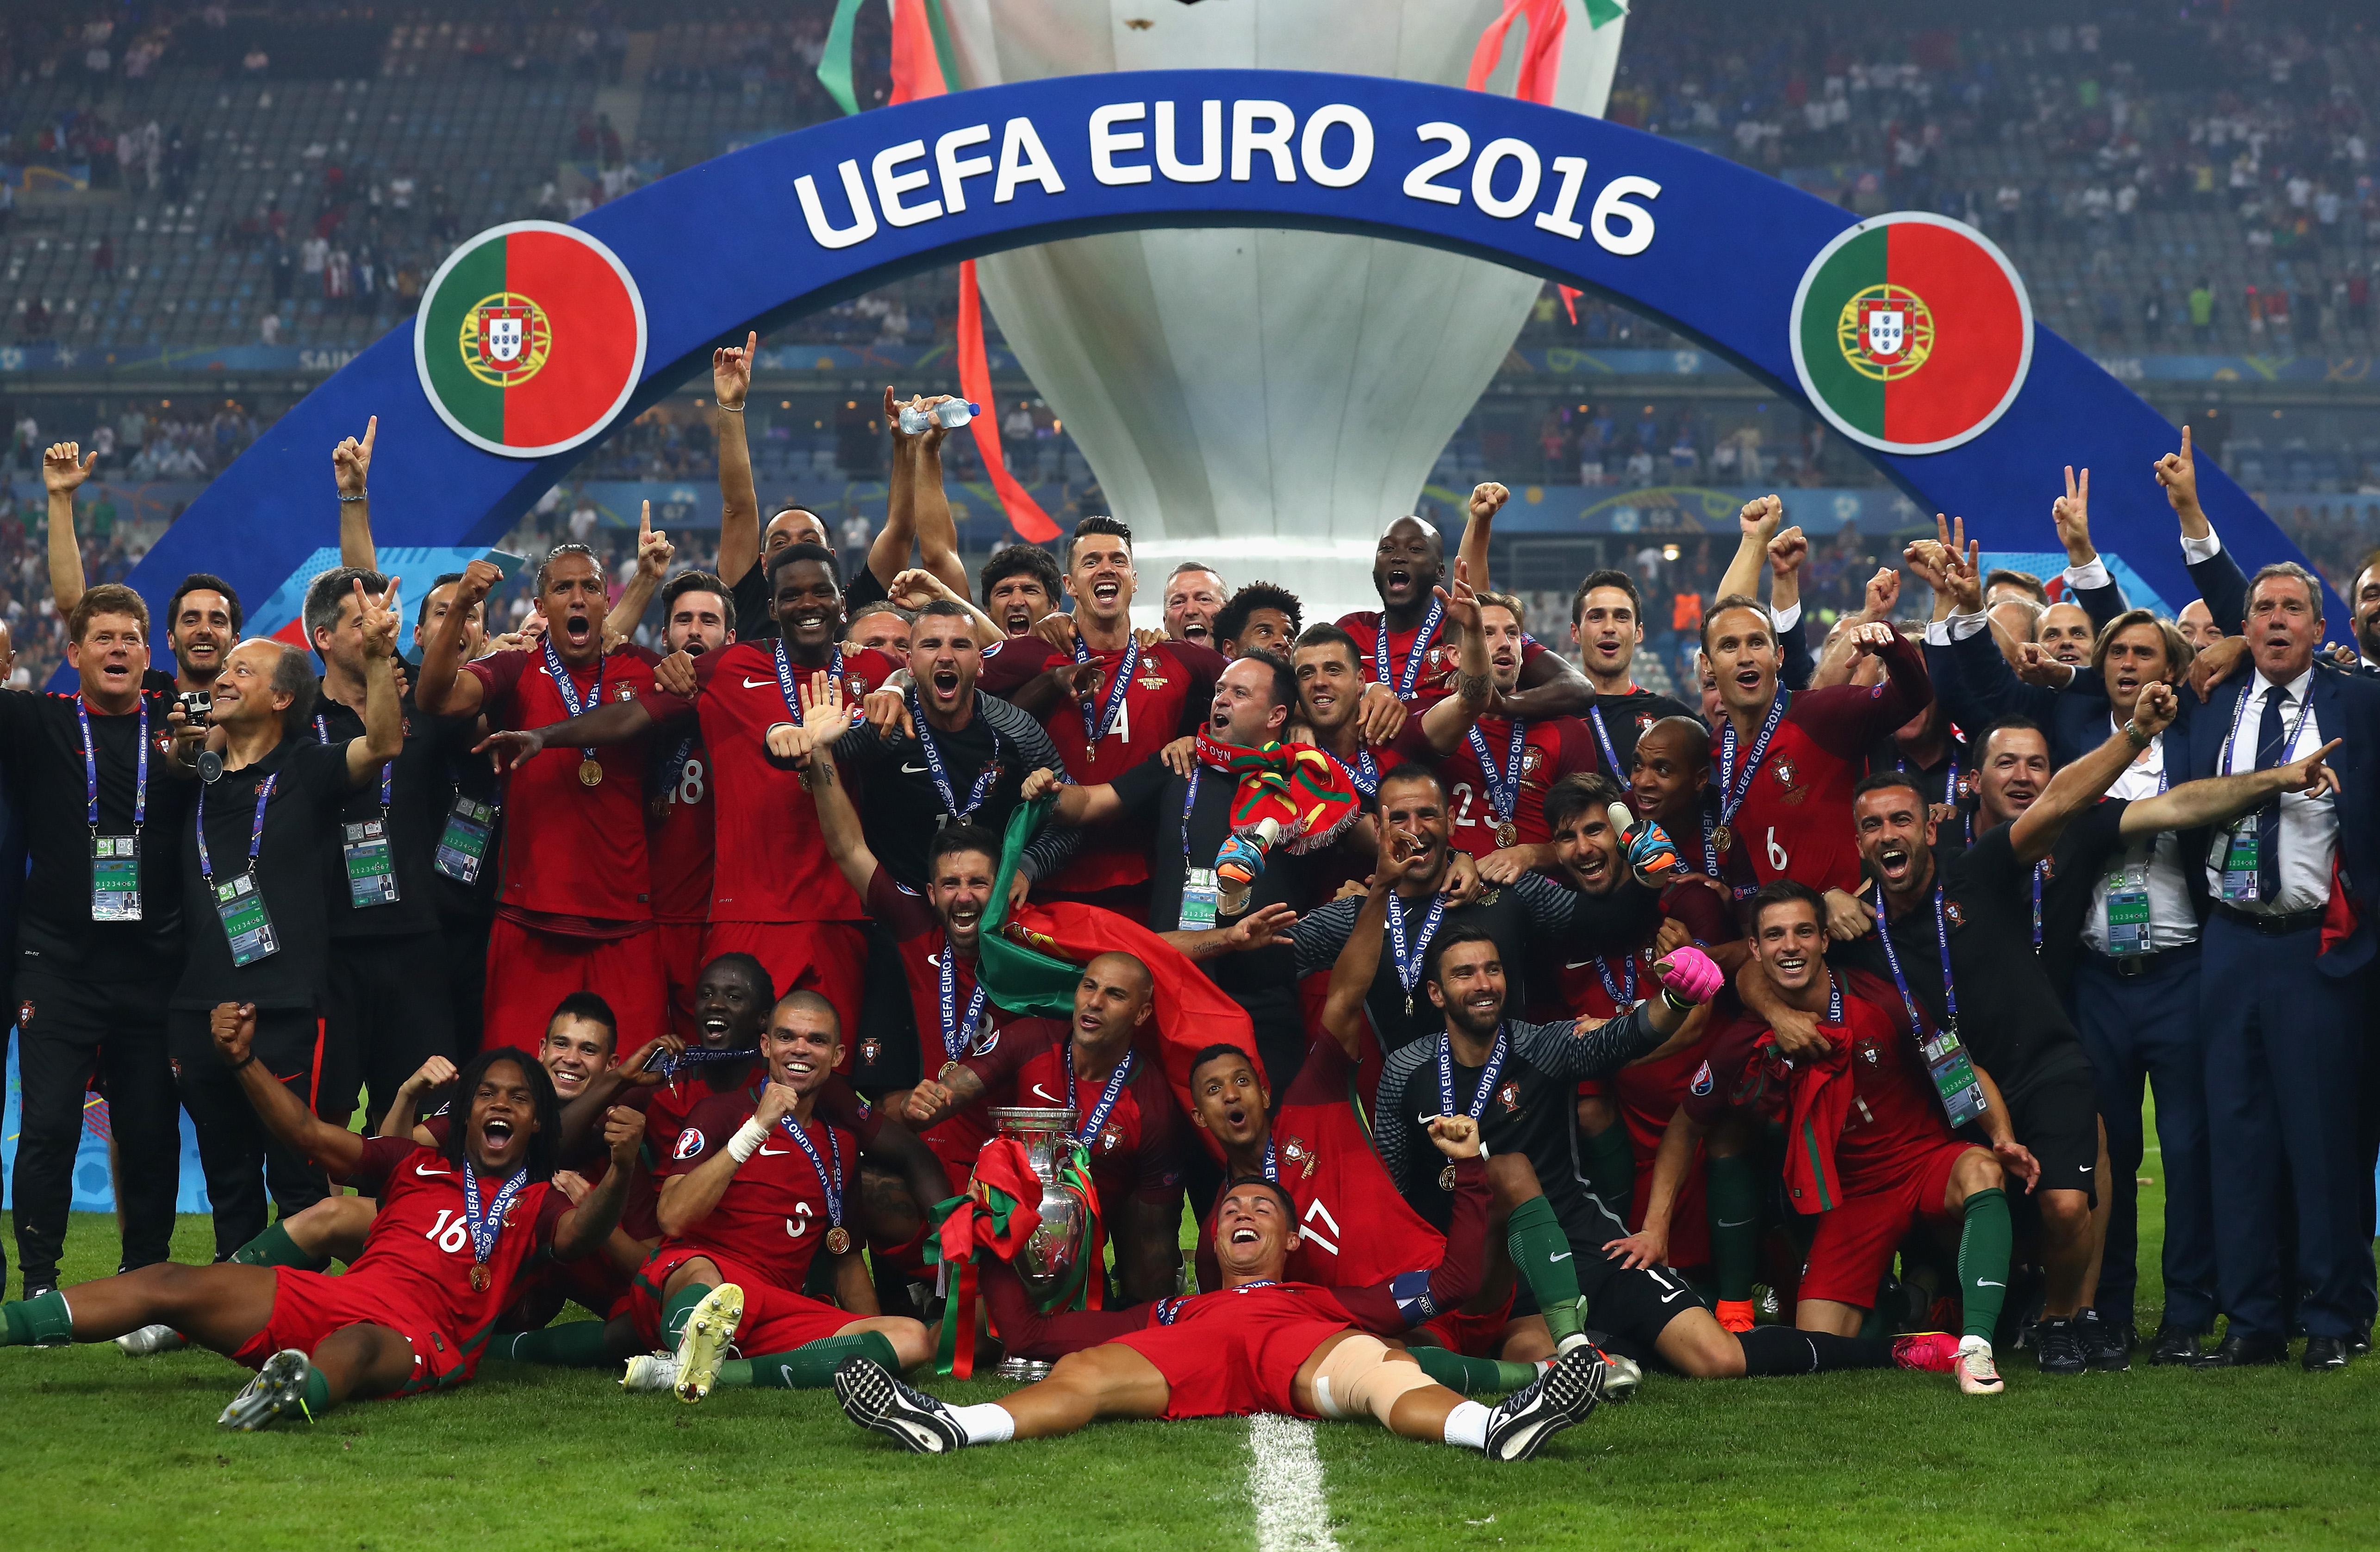 葡萄牙成為第十個捧起Henri Delaunay Trophy的國家。(Lars Baron/Getty Images)